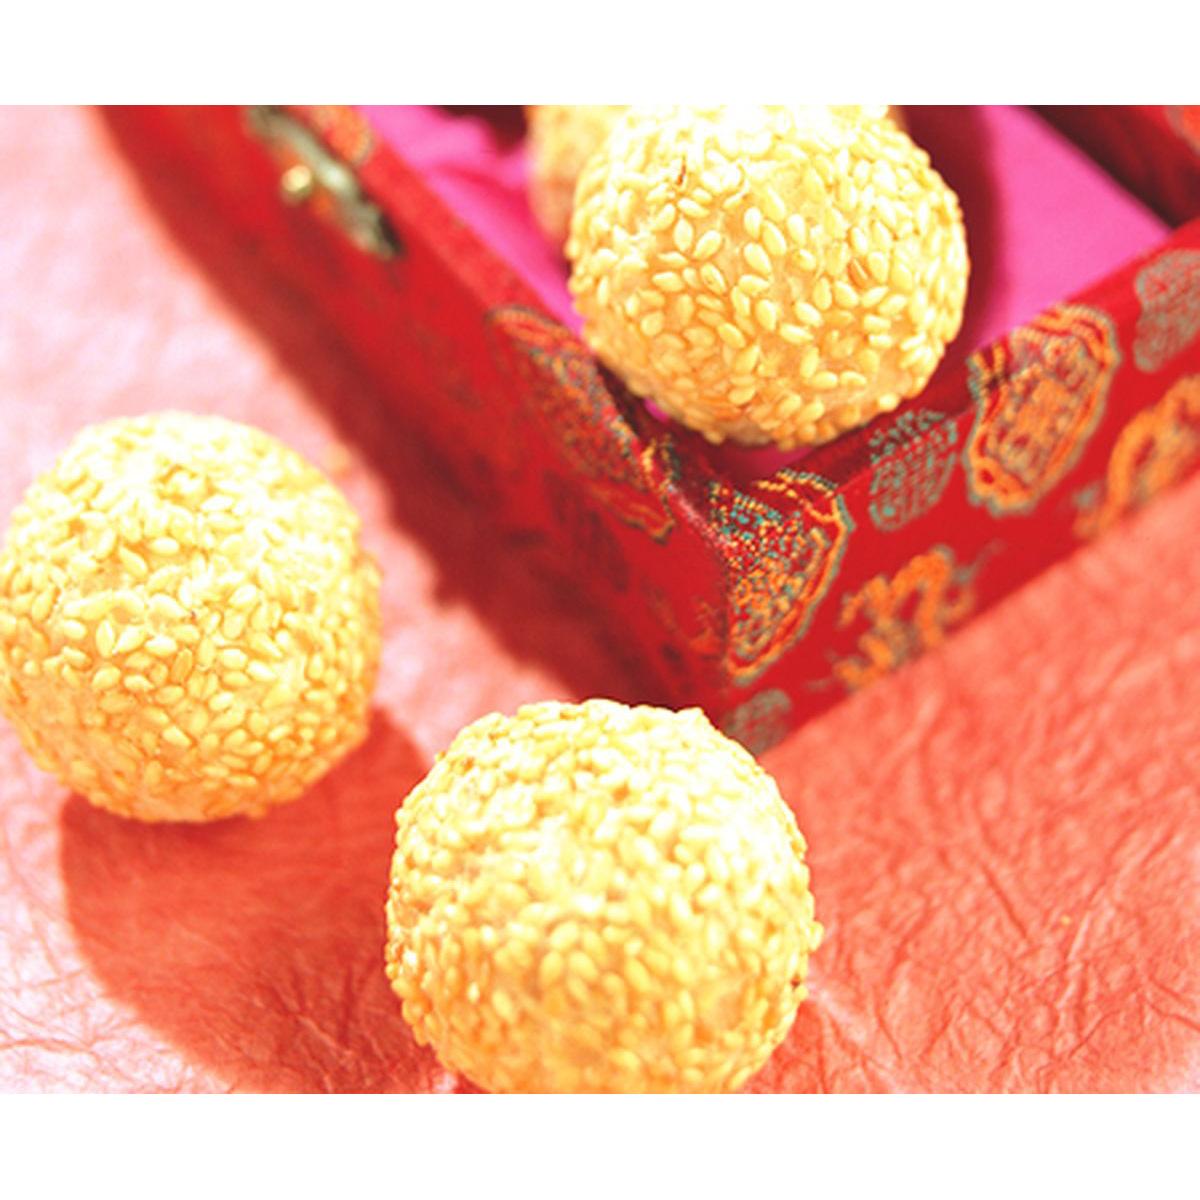 食譜:黃金球